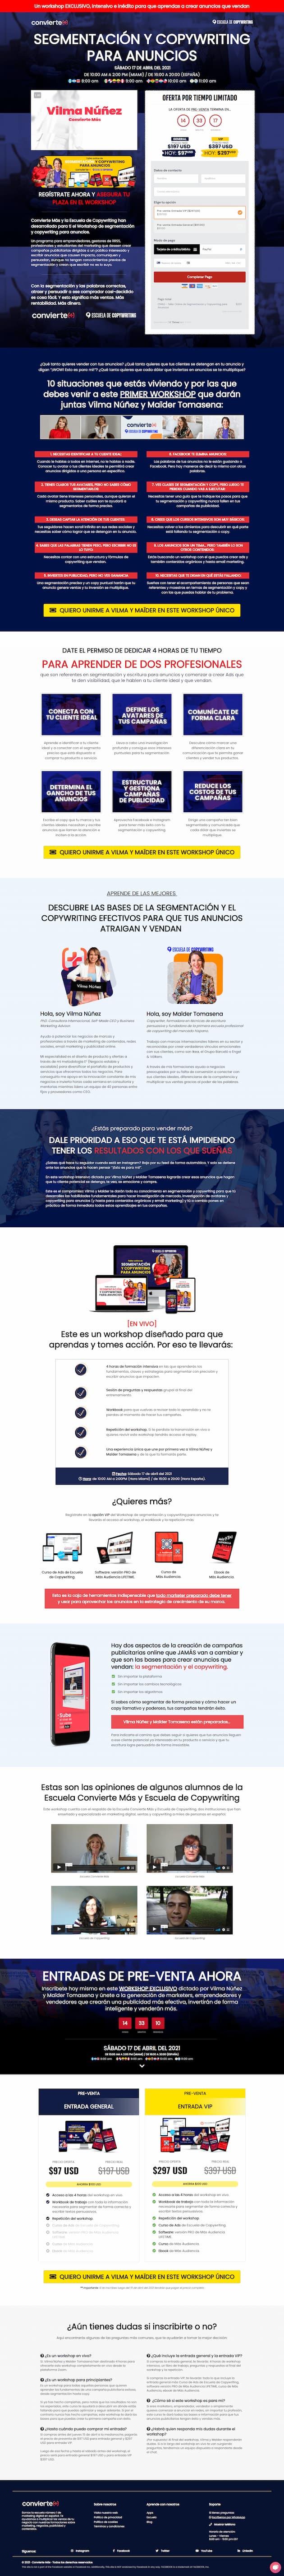 Ejemplo de landing page de Escuela de Copywriting